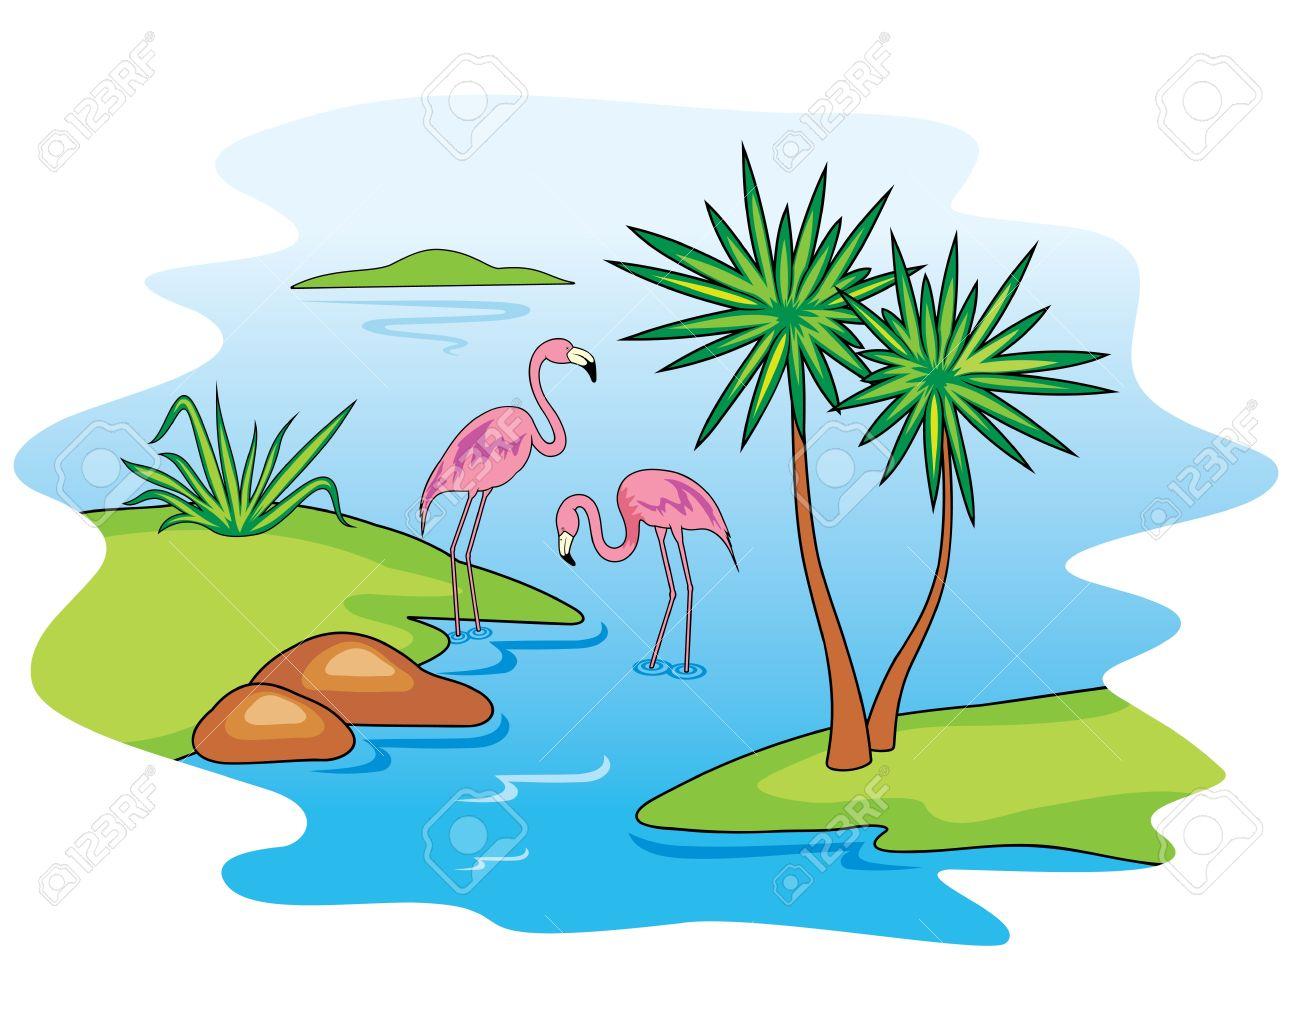 Lake clipart lake animal. Flamingo panda free images